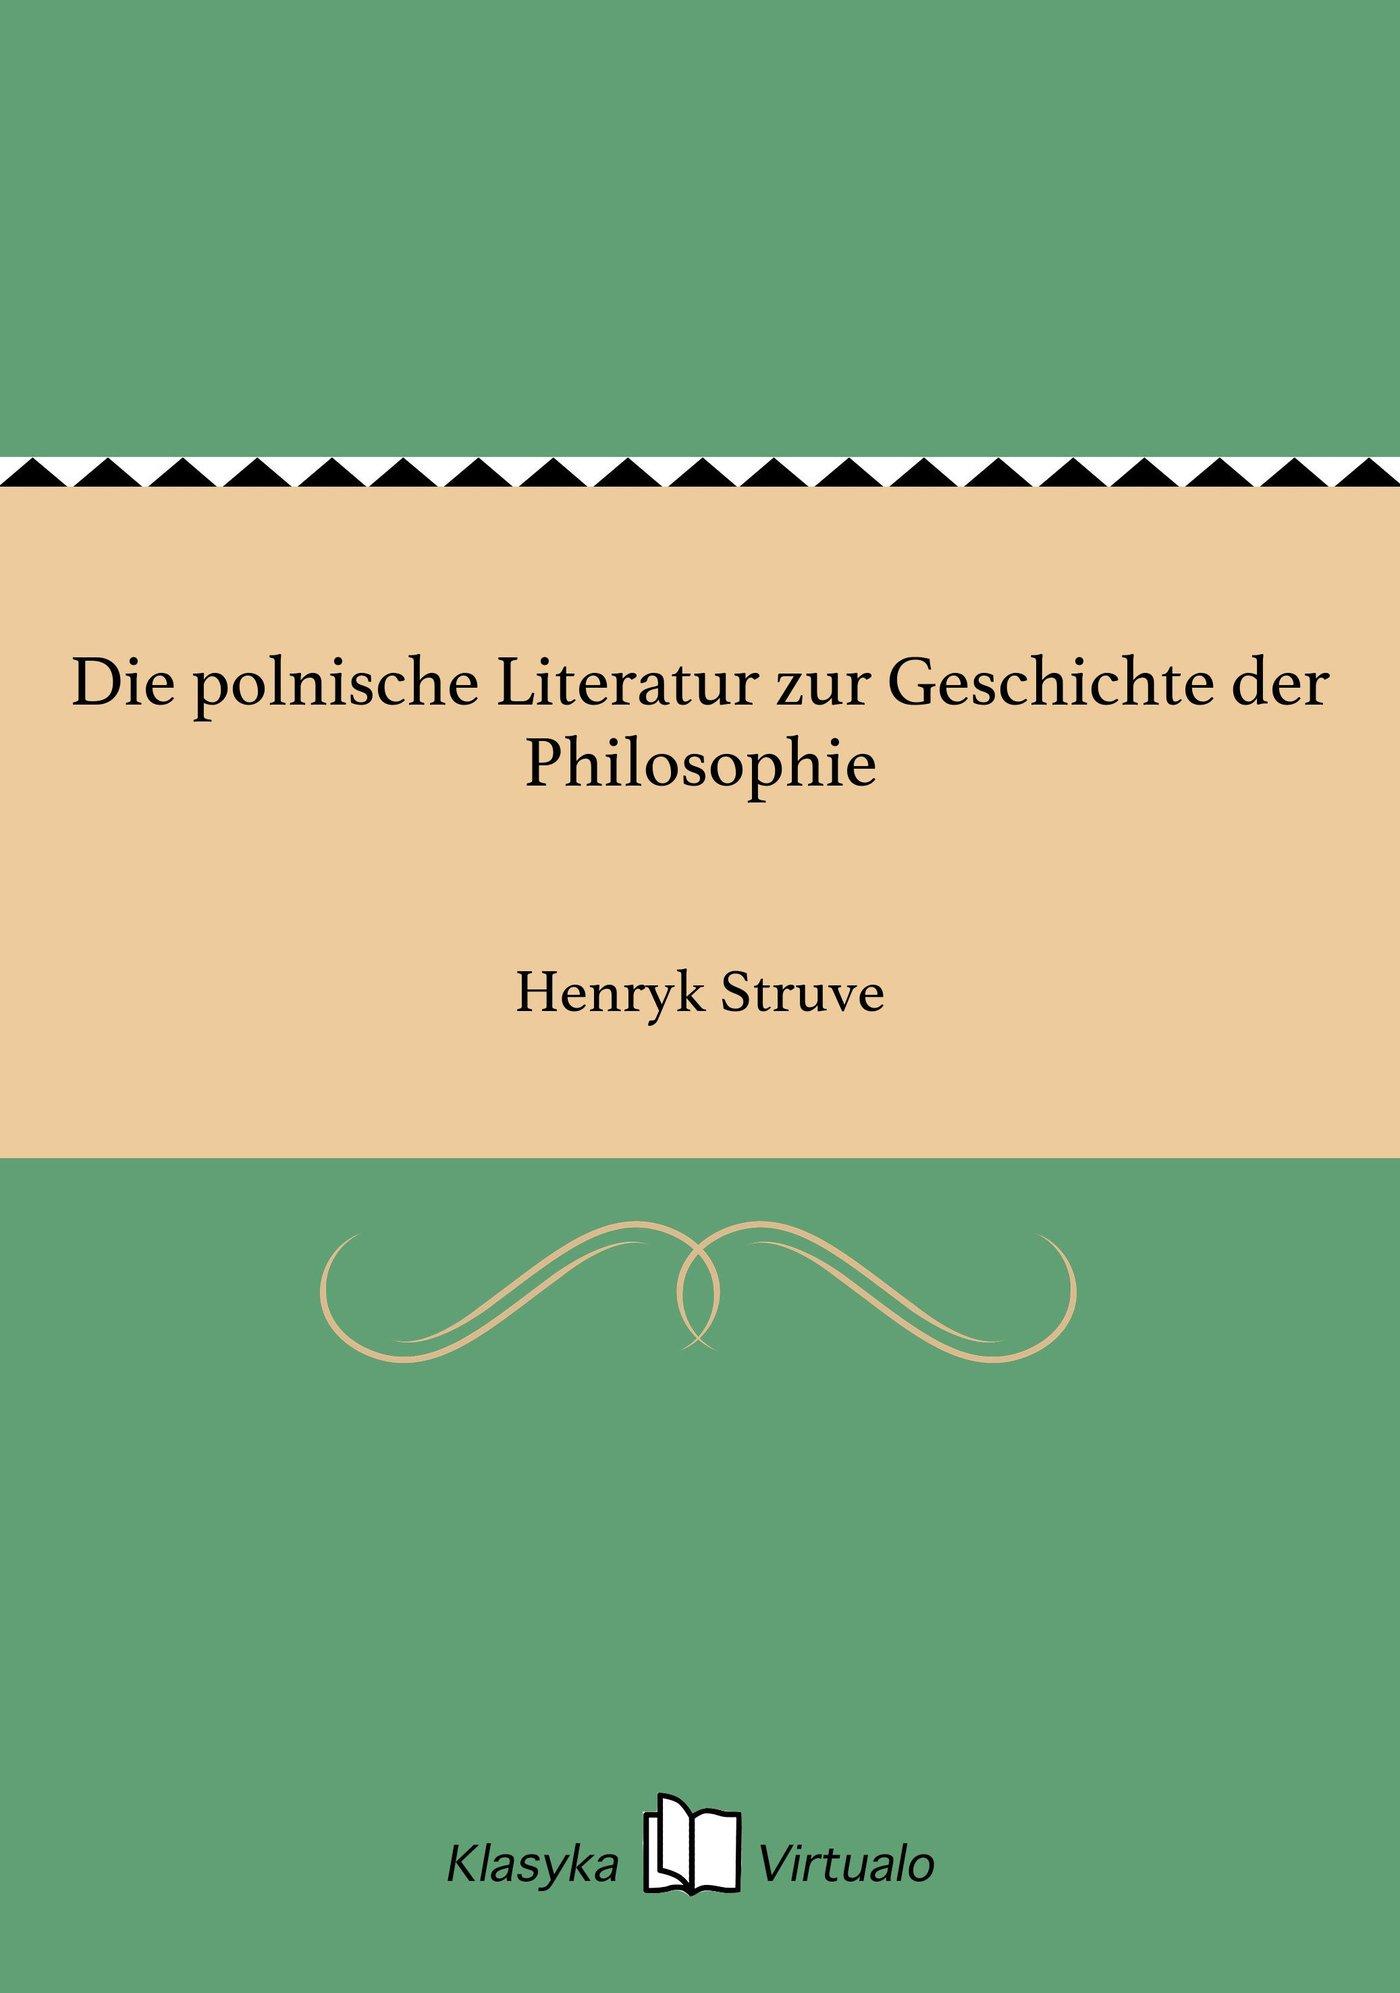 Die polnische Literatur zur Geschichte der Philosophie - Ebook (Książka EPUB) do pobrania w formacie EPUB